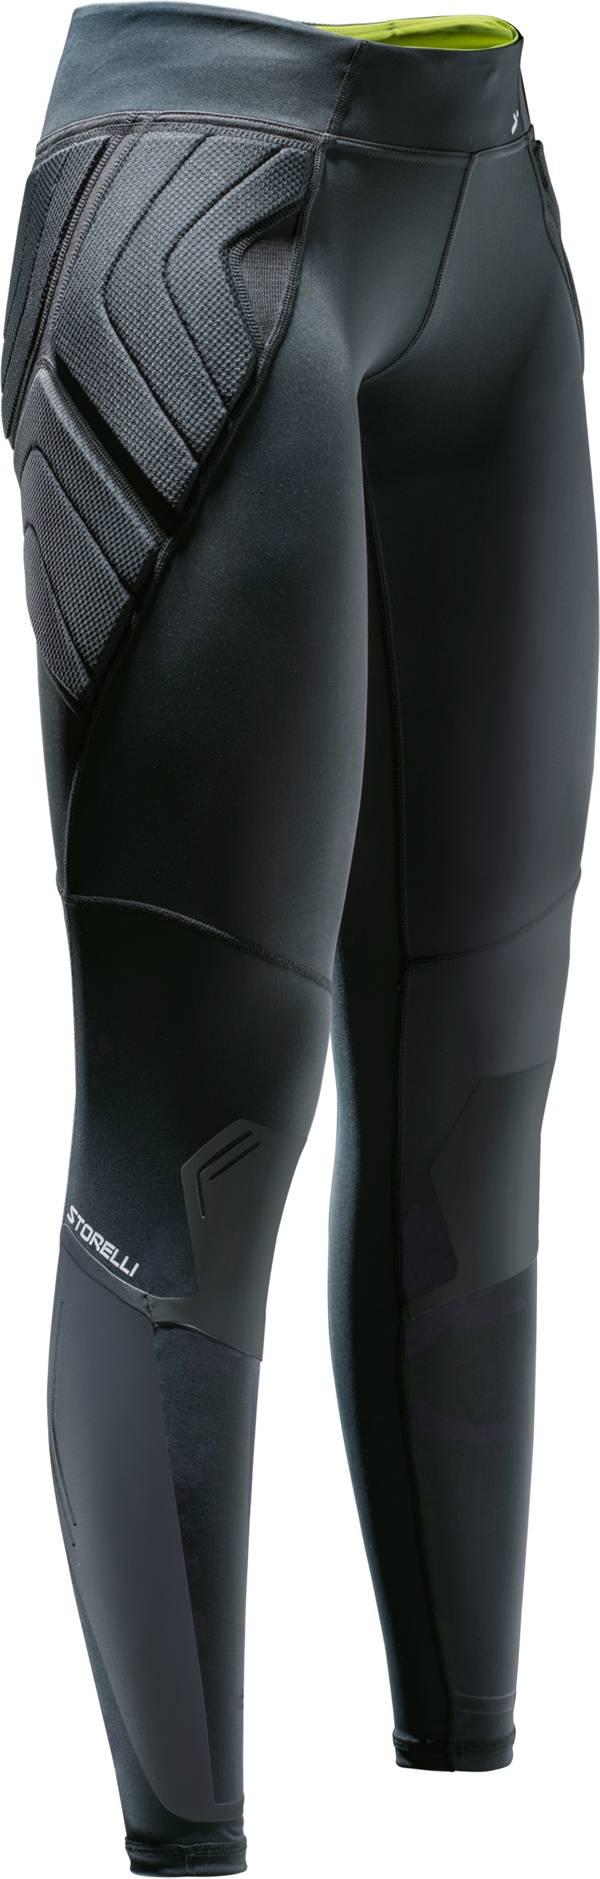 Storelli Women's BodyShield Soccer Goalkeeper Leggings product image